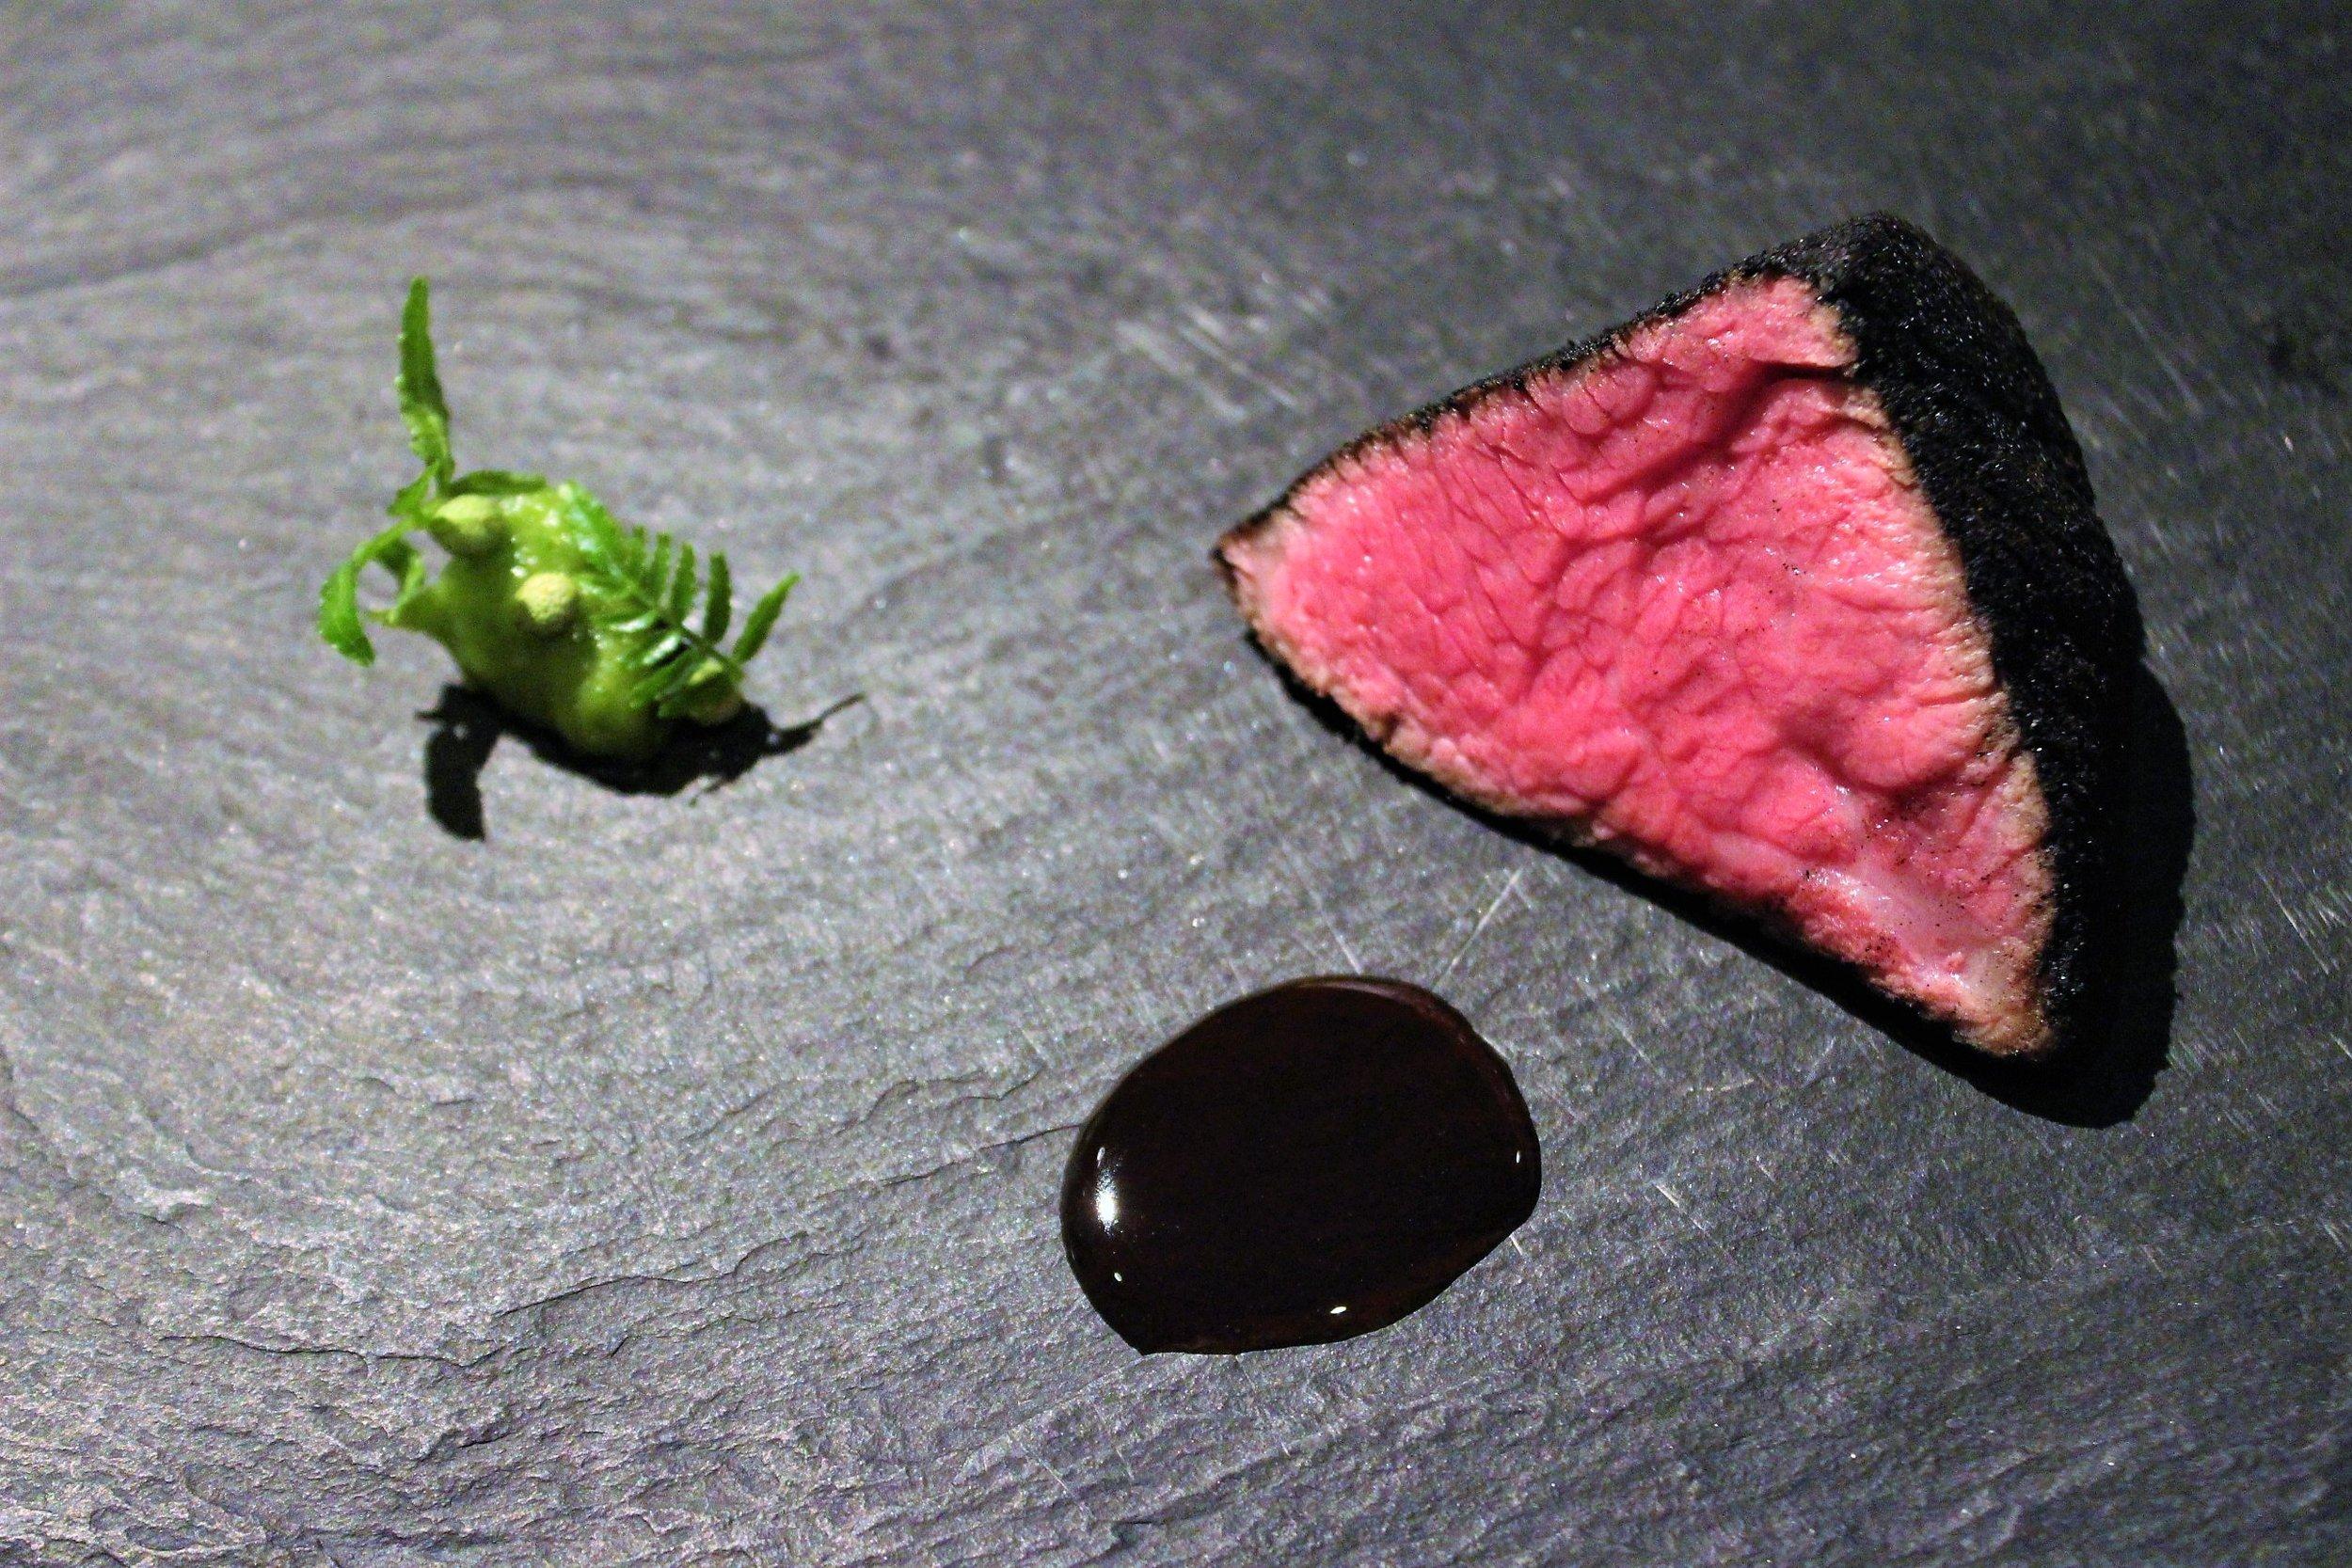 Sumi 2009 - Kobe Beef 3.JPG